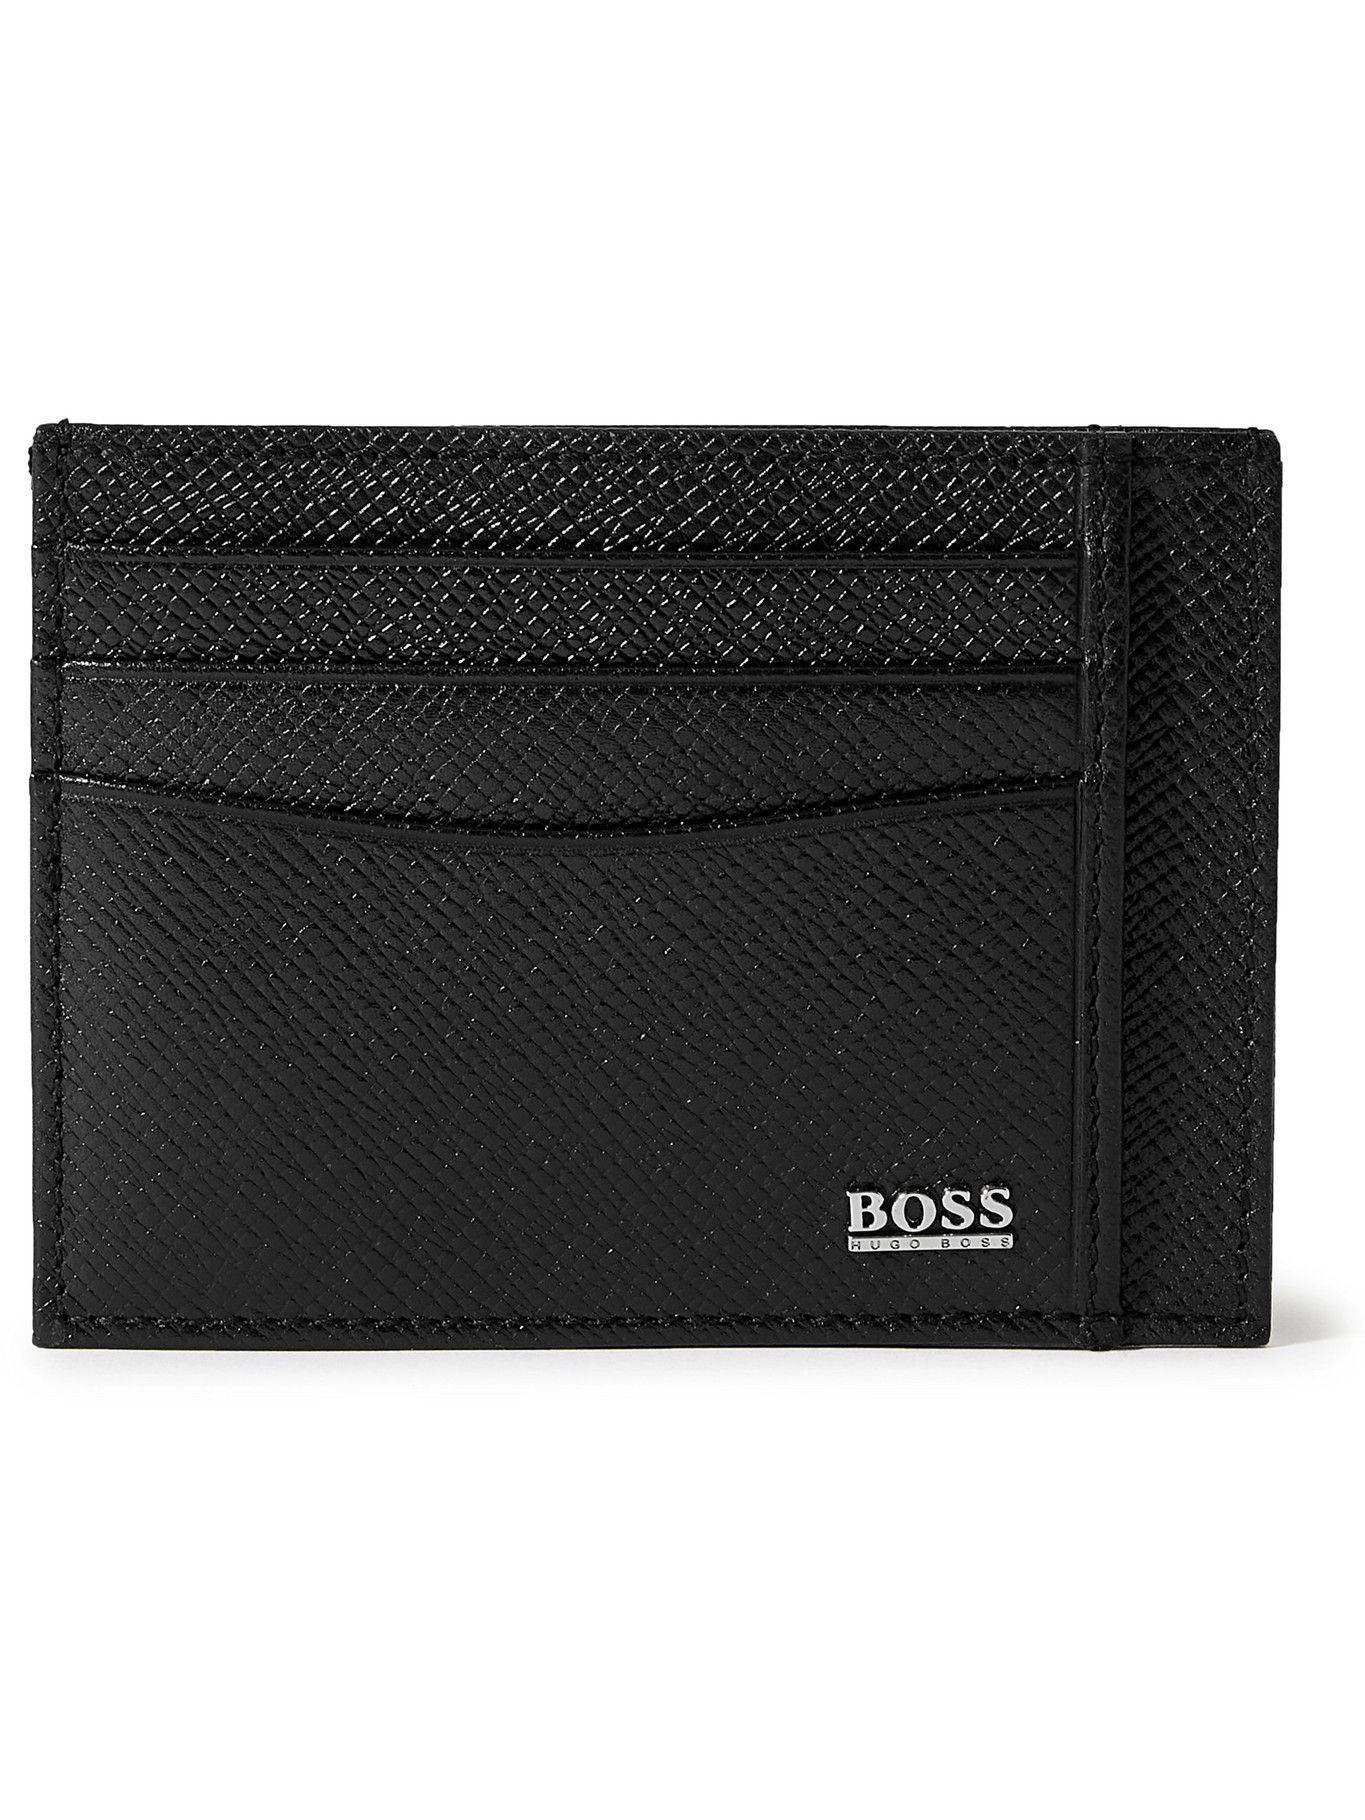 HUGO BOSS - Cross-Grain Leather Cardholder